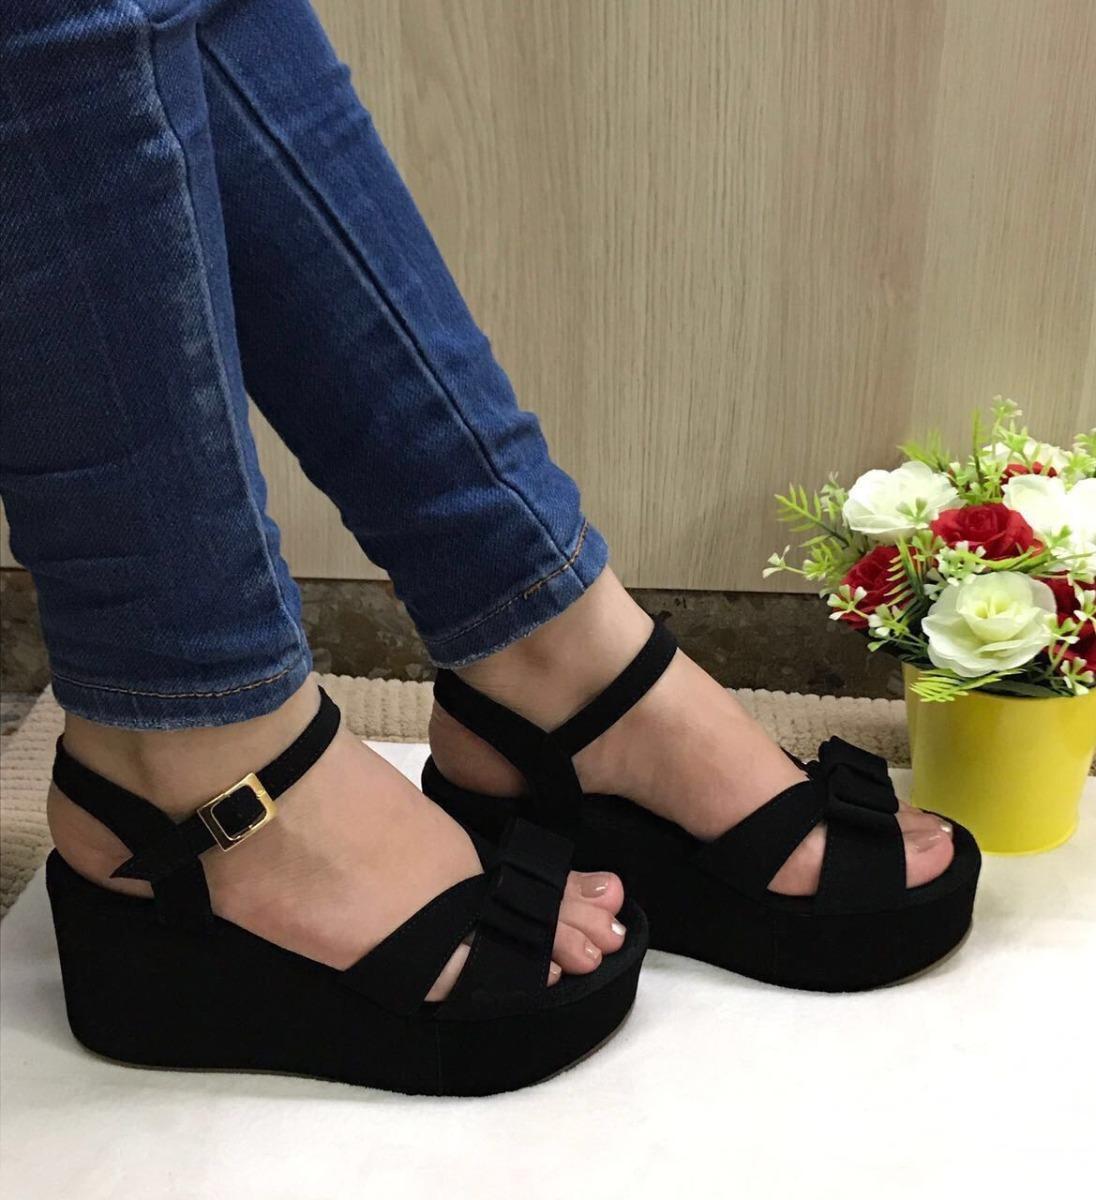 9f35583250175 sandalias de plataformas negras para mujer elegantes finas. Cargando zoom.